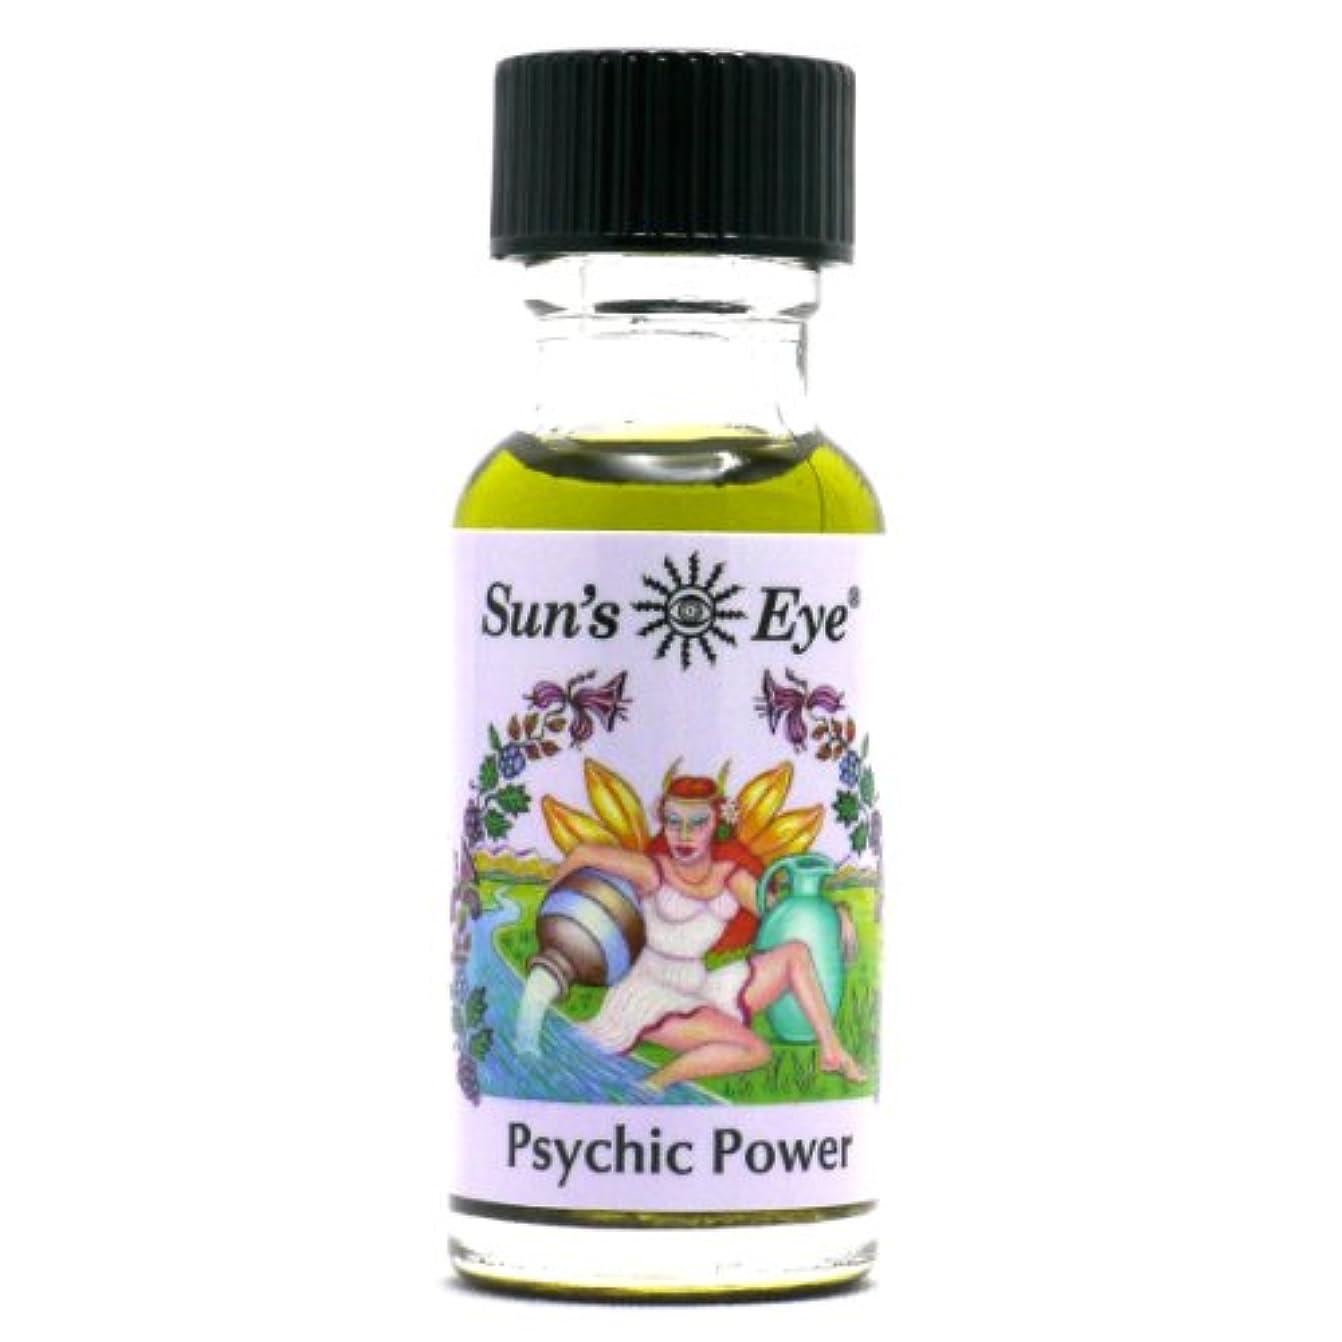 閃光適応手首【Sun'sEye サンズアイ】Mystic Blends(ミスティックブレンドオイル)Psychic Power(サイキックパワー)